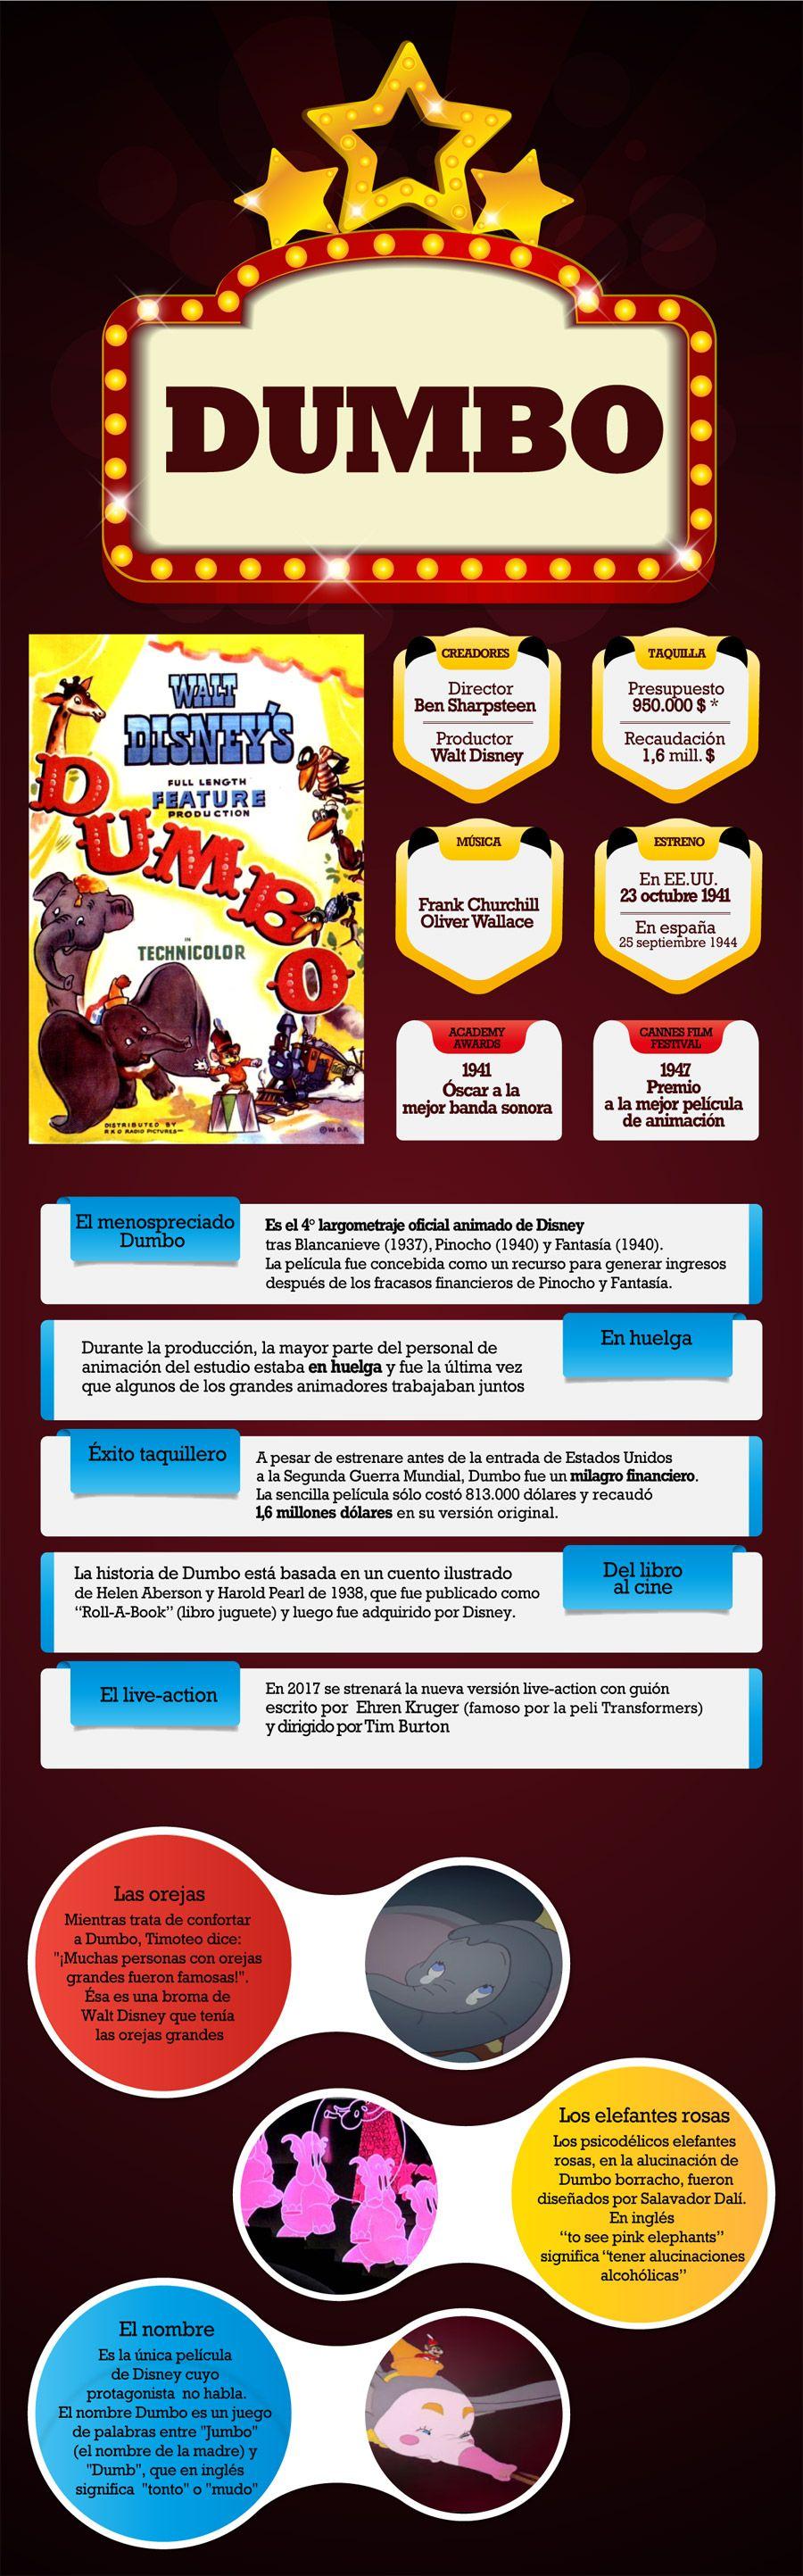 Infografía de Dumbo en el blog de cine